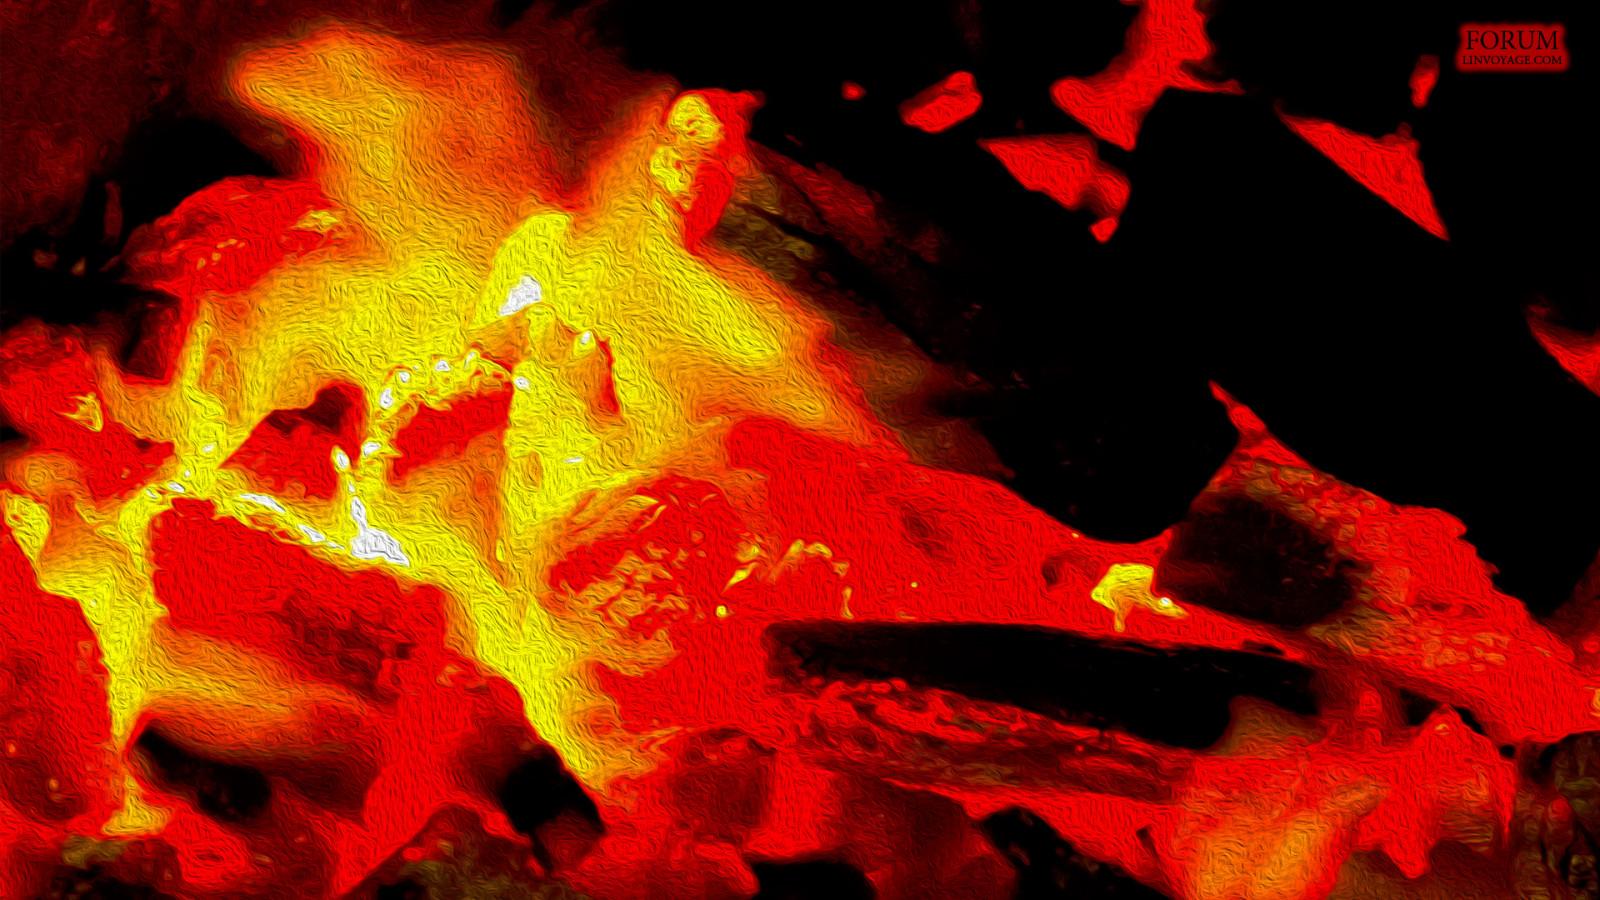 Fondo Fondos Abstractos Rojo Y Amarillo: Fondos De Pantalla : Oscuro, Abstracto, Rojo, Surrealista